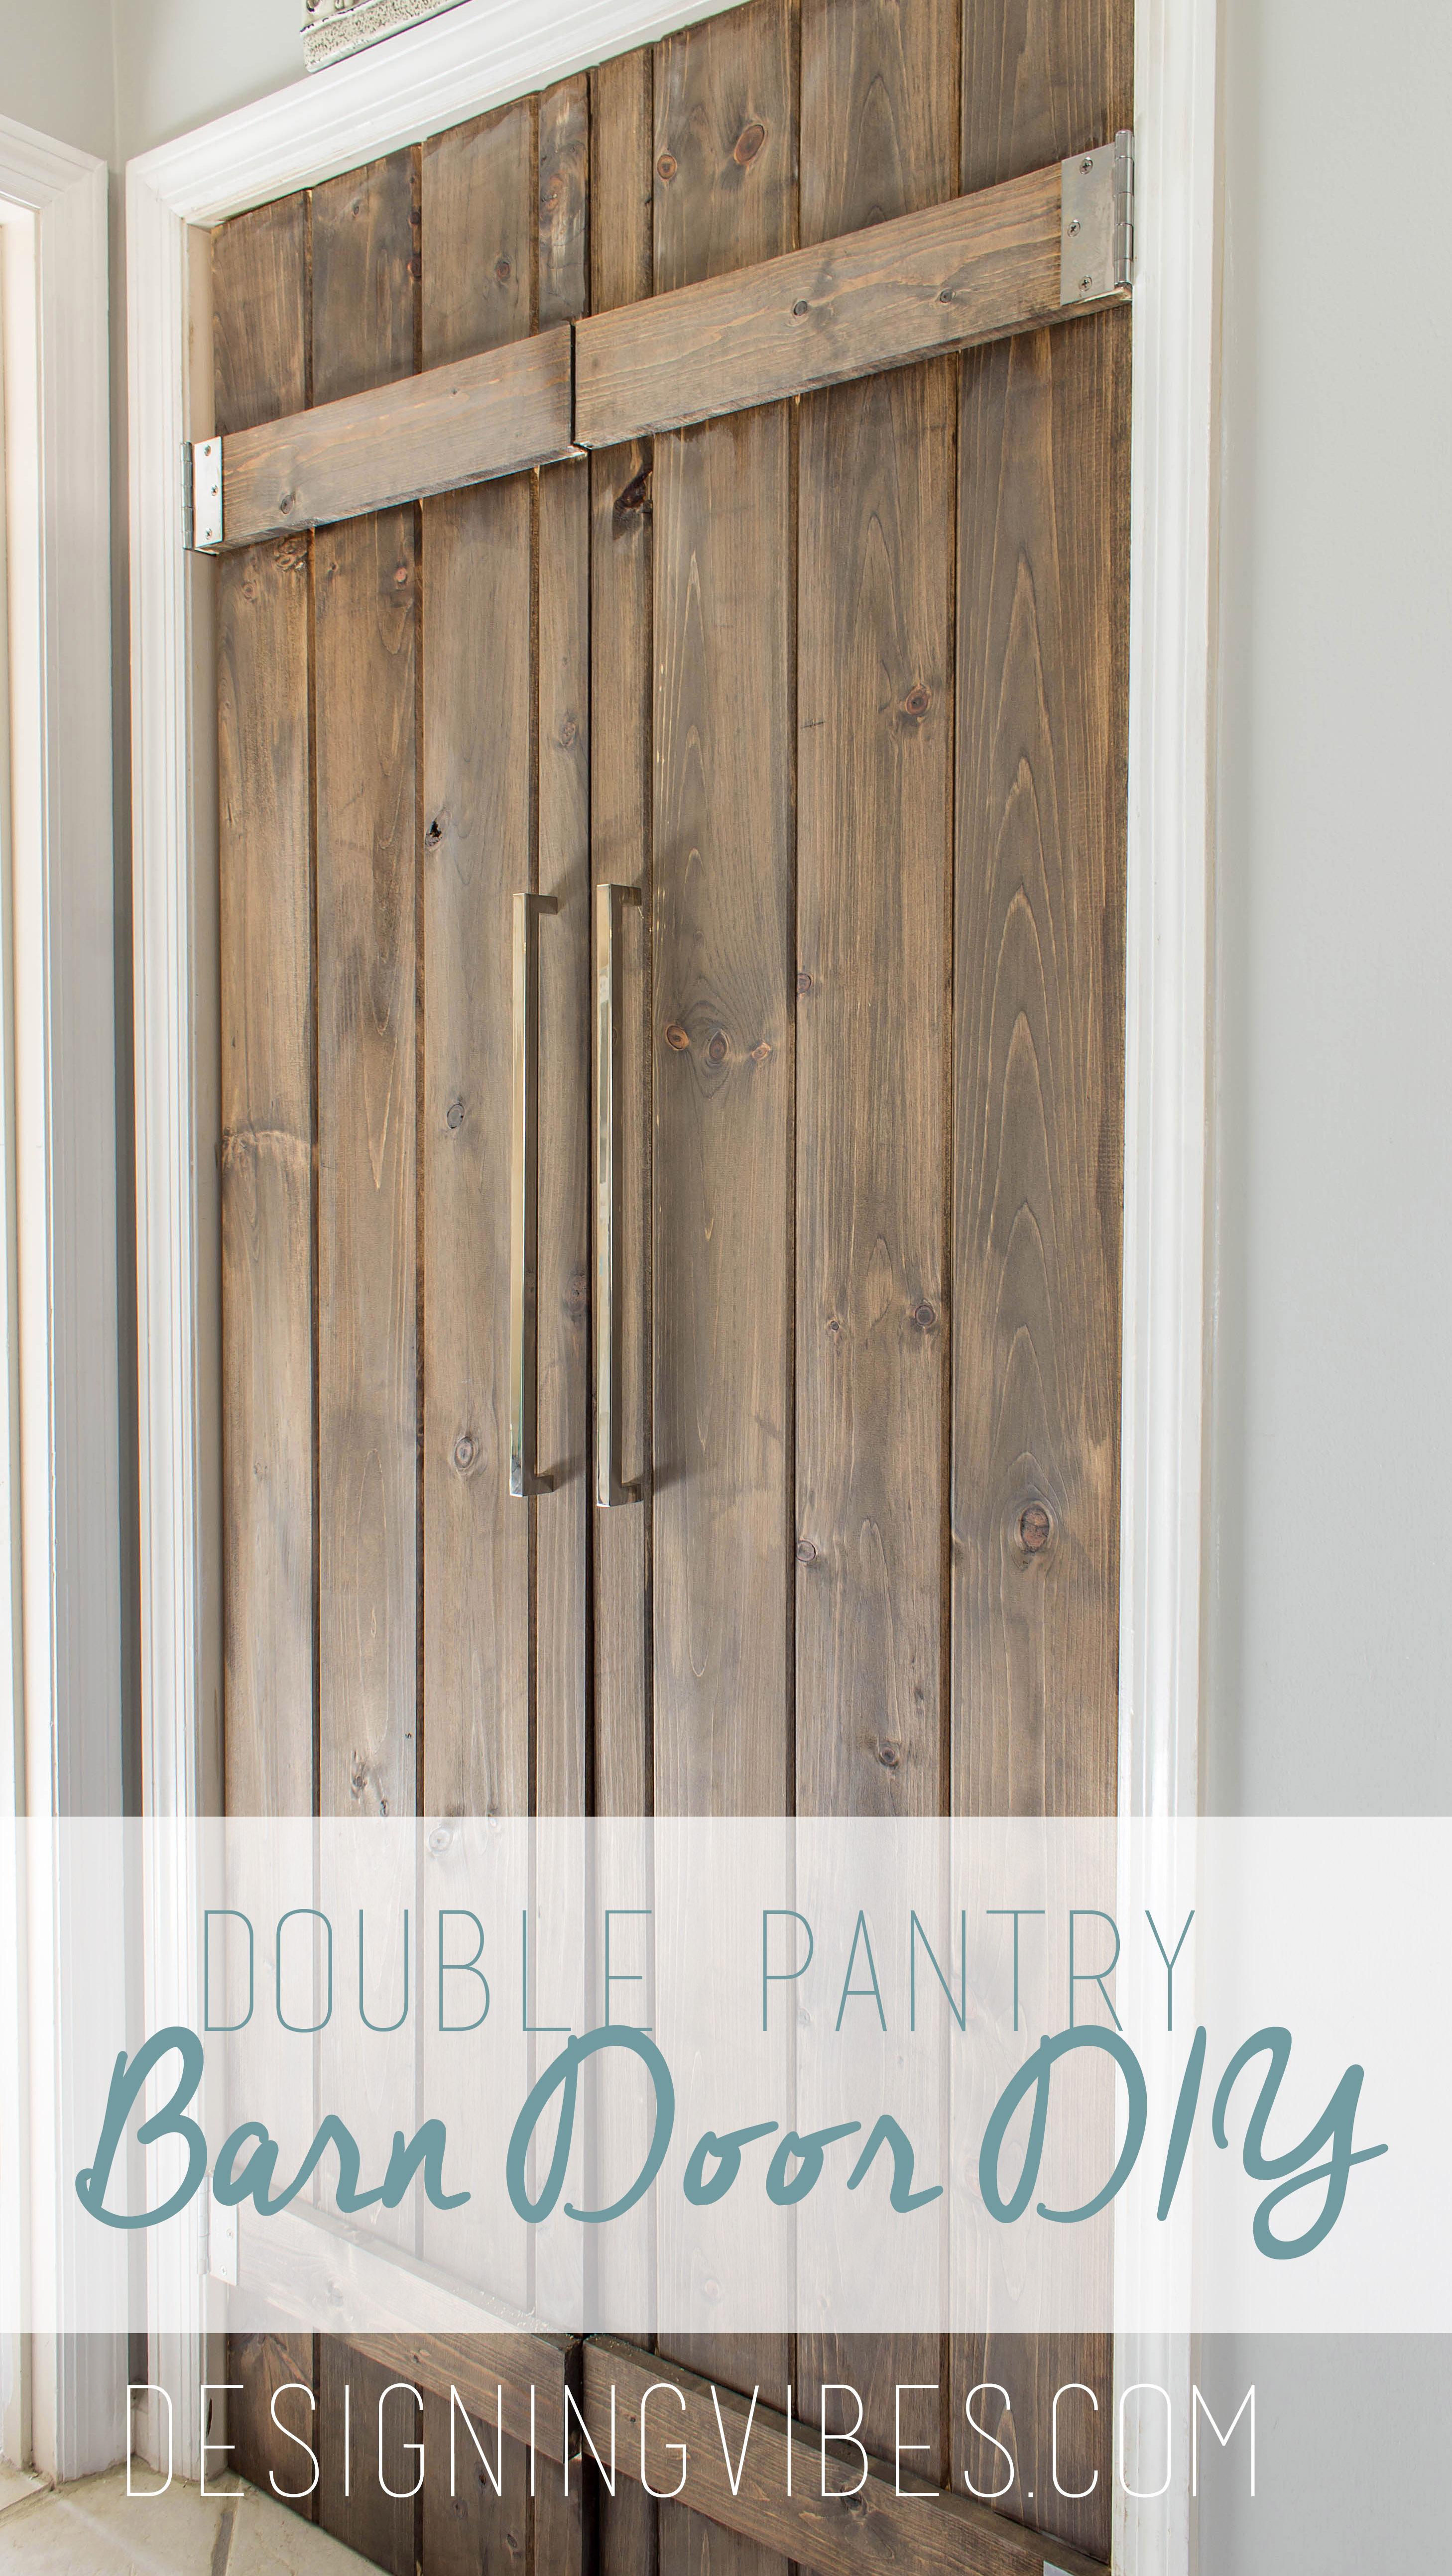 pantry barn door diy 90 bifold pantry door diy